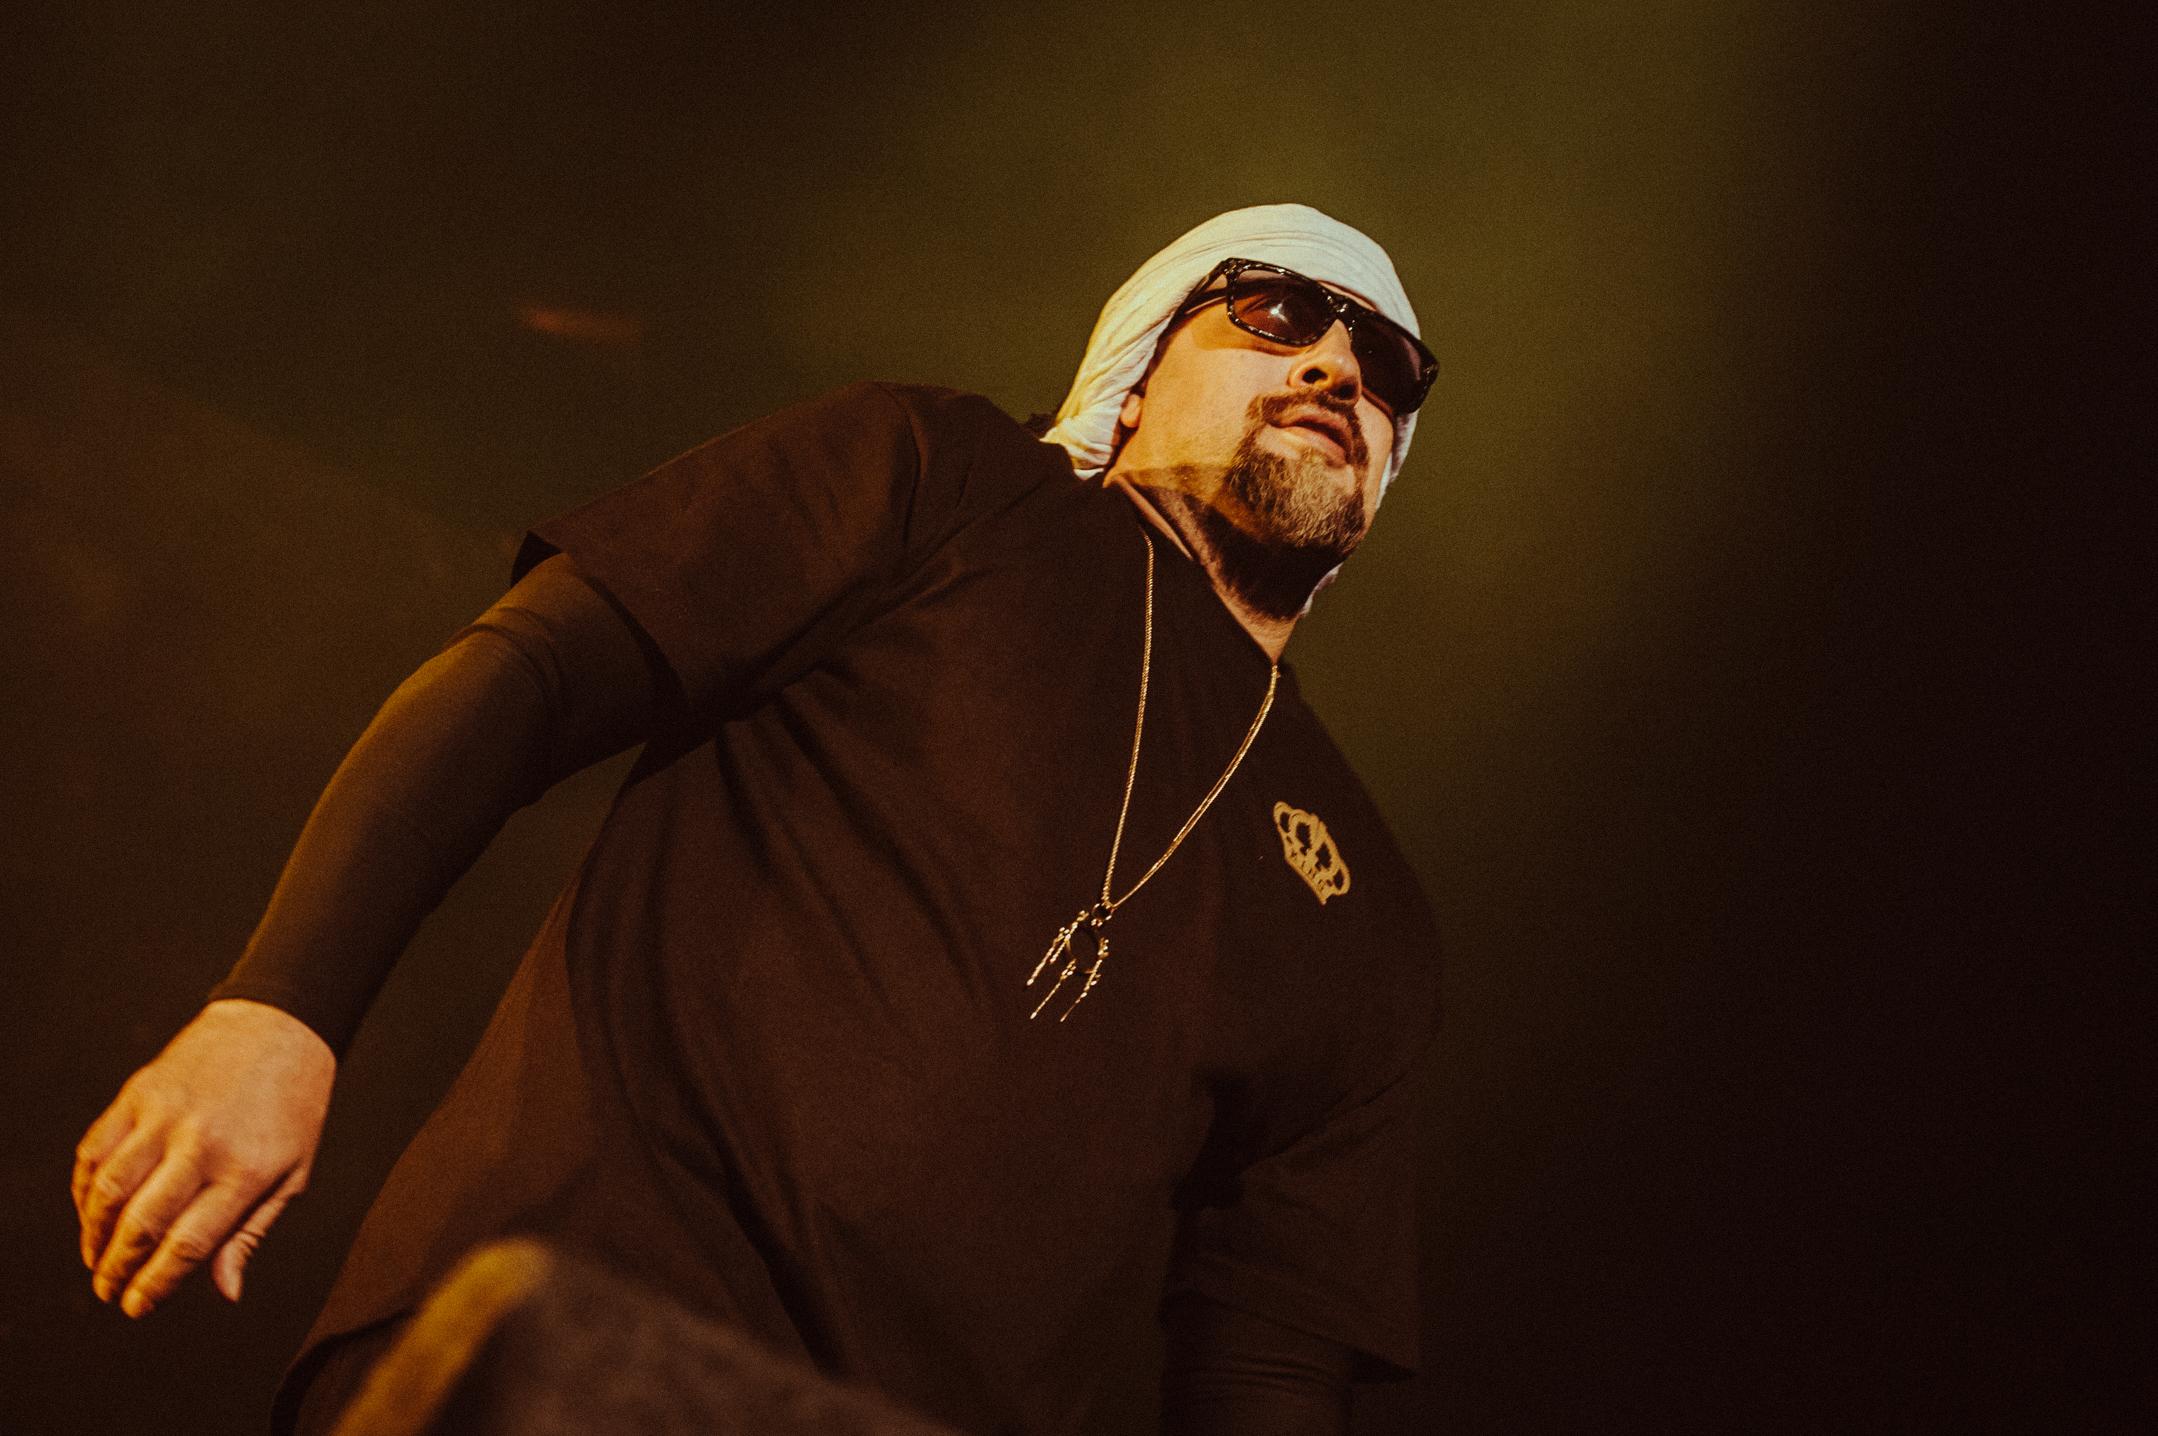 20181221_2115_Cypress Hill(4)